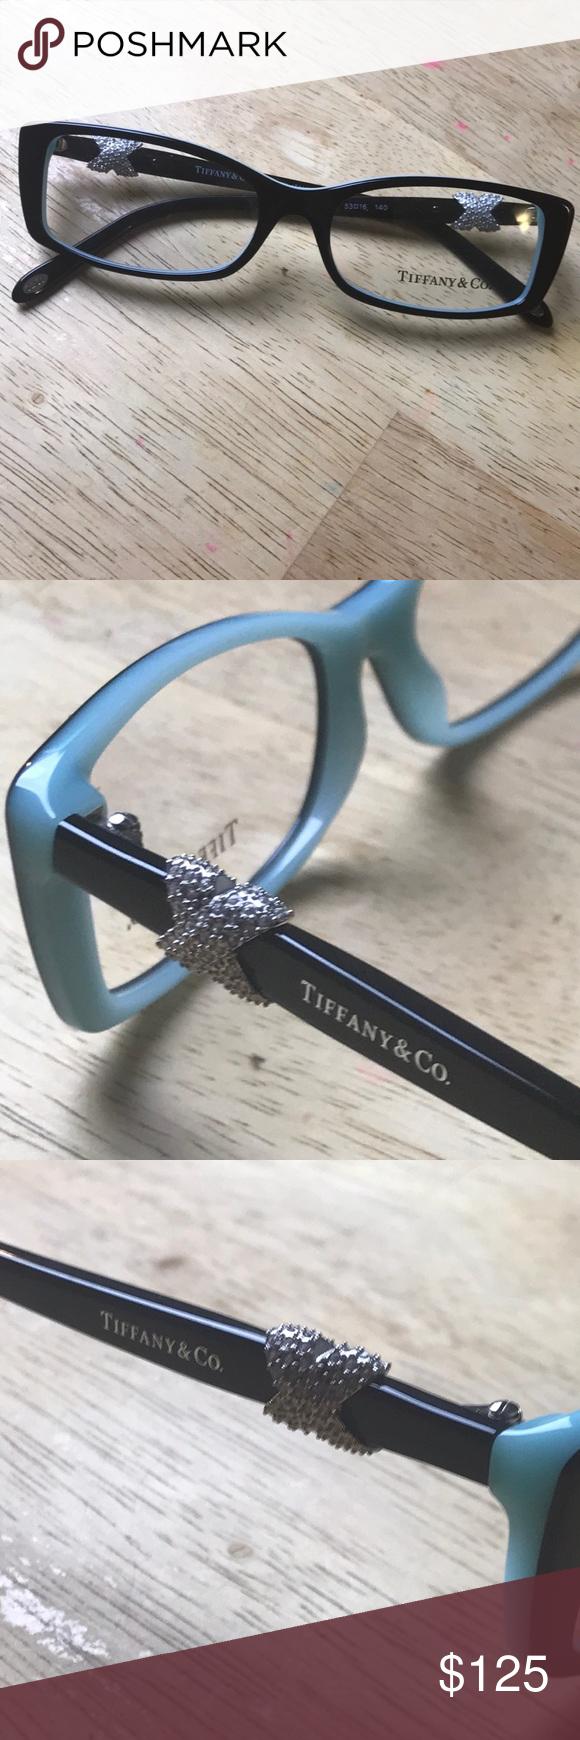 3ae41436fe98 Tiffany Eyeglasses RX demo lenses Authentic Tiffany eyeglasses model Tf  2110-B Tiffany   Co